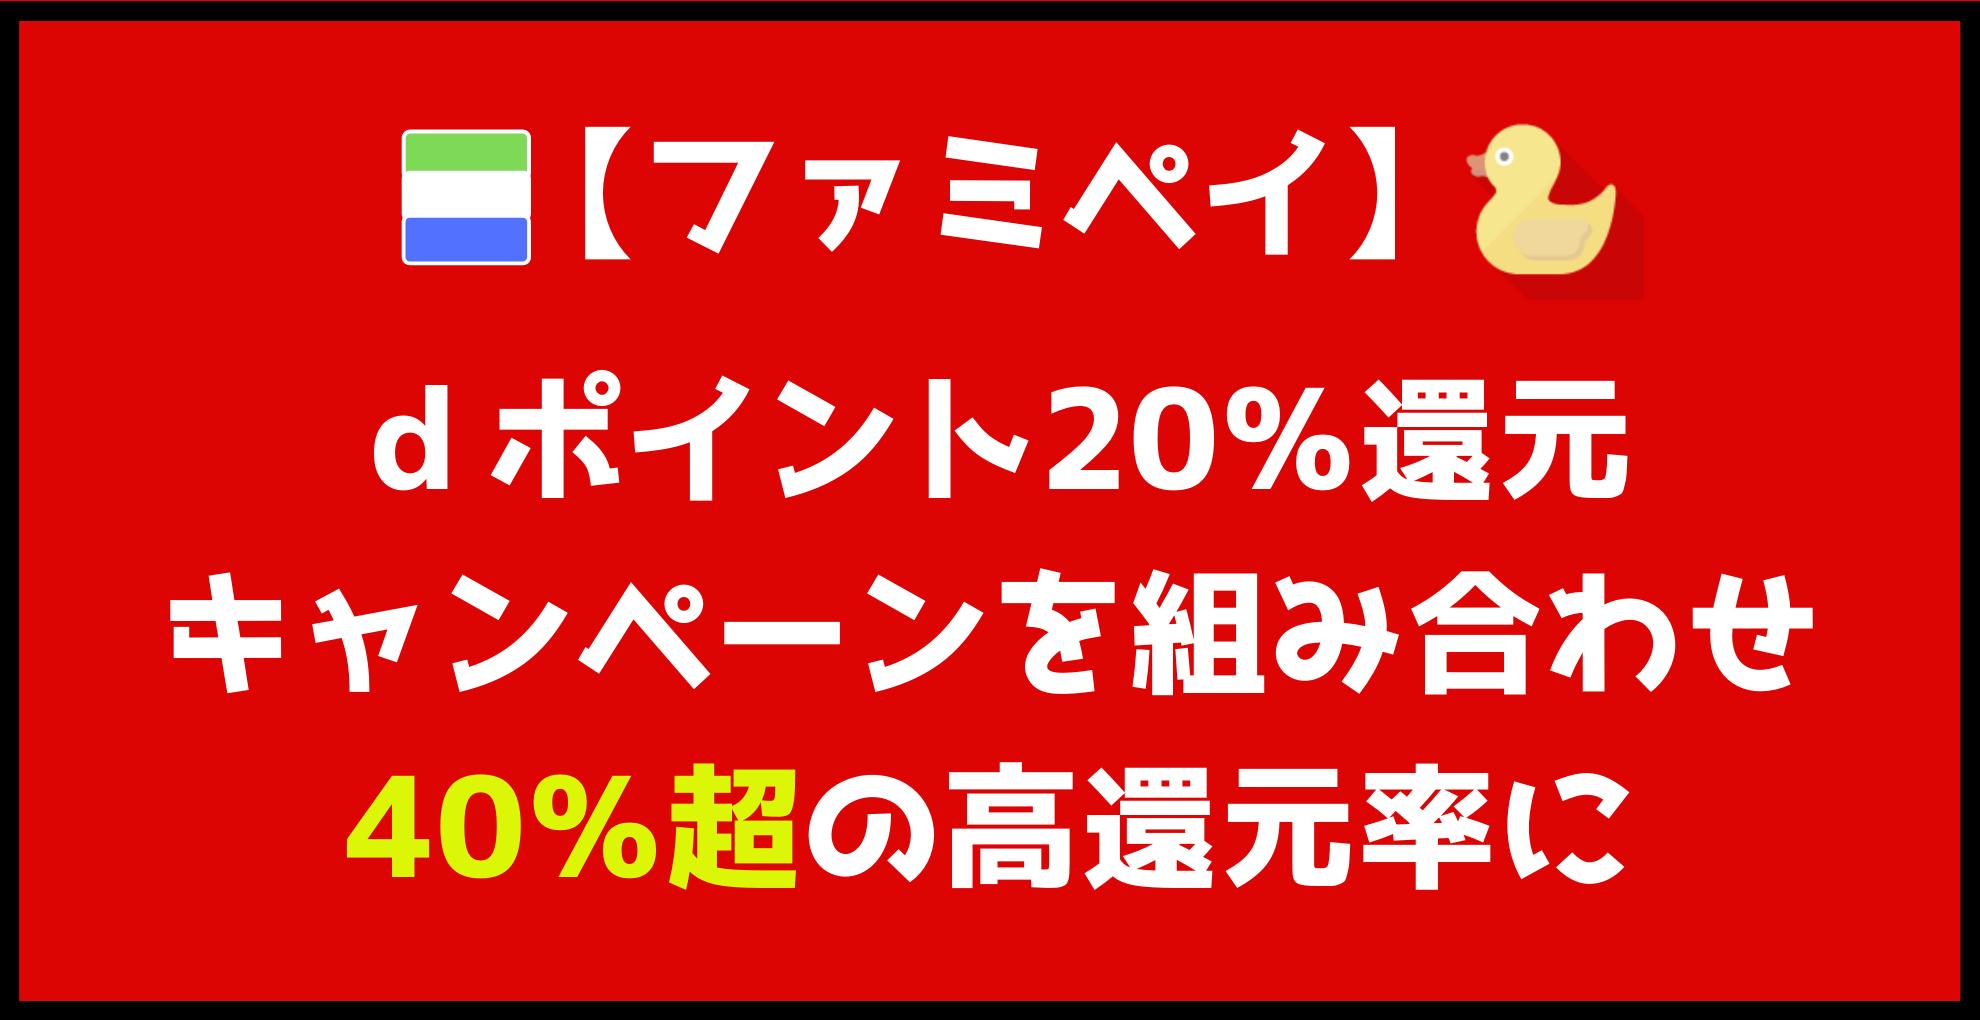 【ファミペイ】 dポイント最大20%還元 キャンペーンを組み合わせて40%超の高還元率に